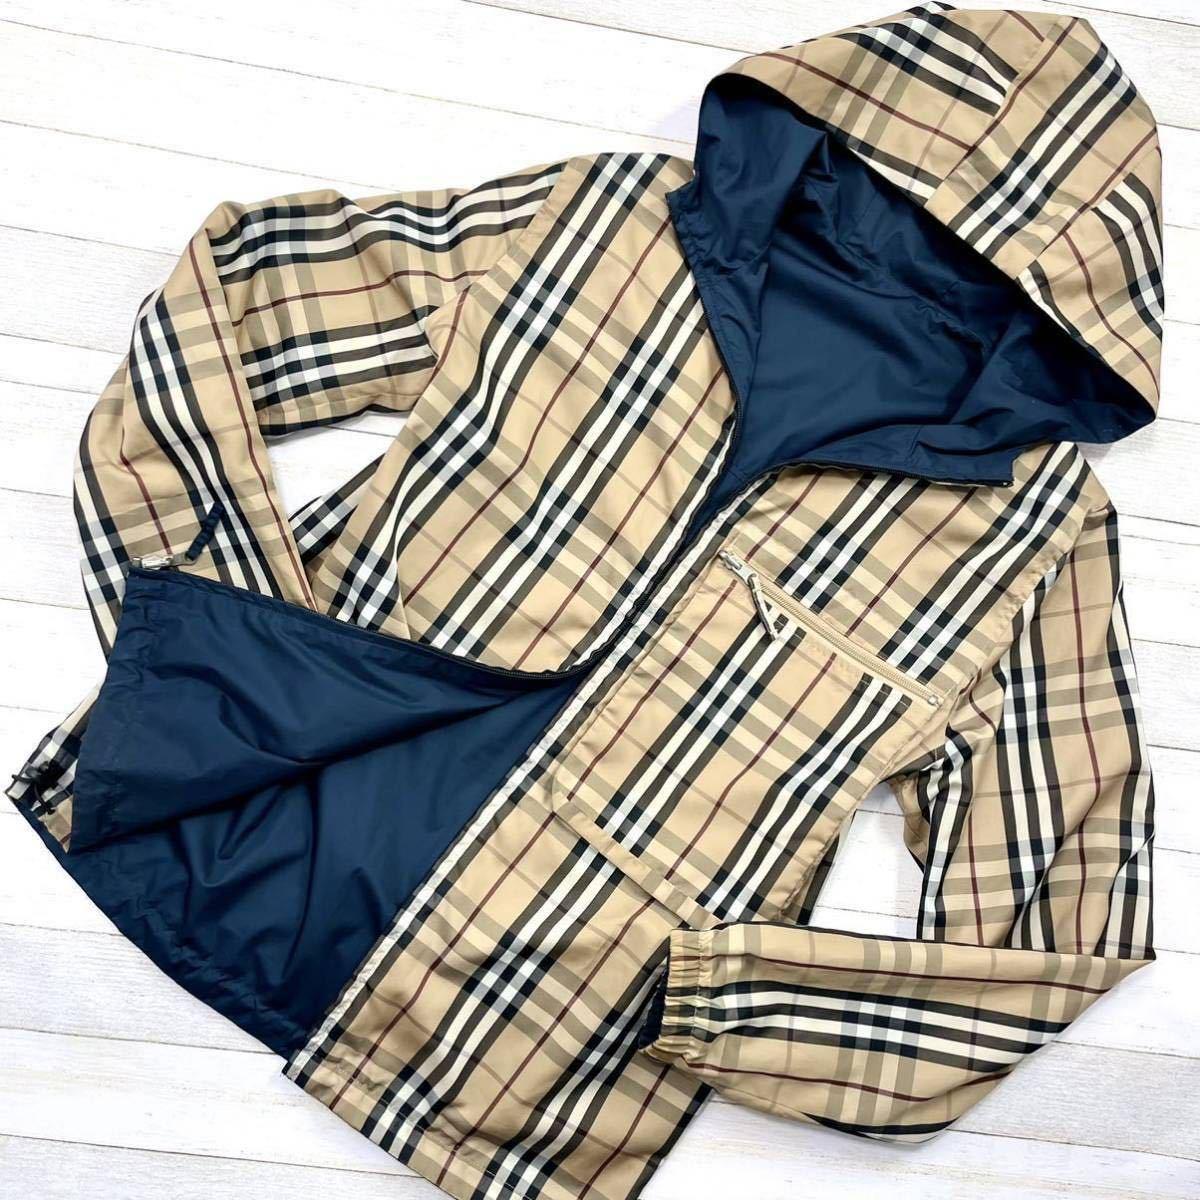 美品 バーバリーロンドン リバーシブル ウィンドブレーカー ジャケット ブルゾン コート